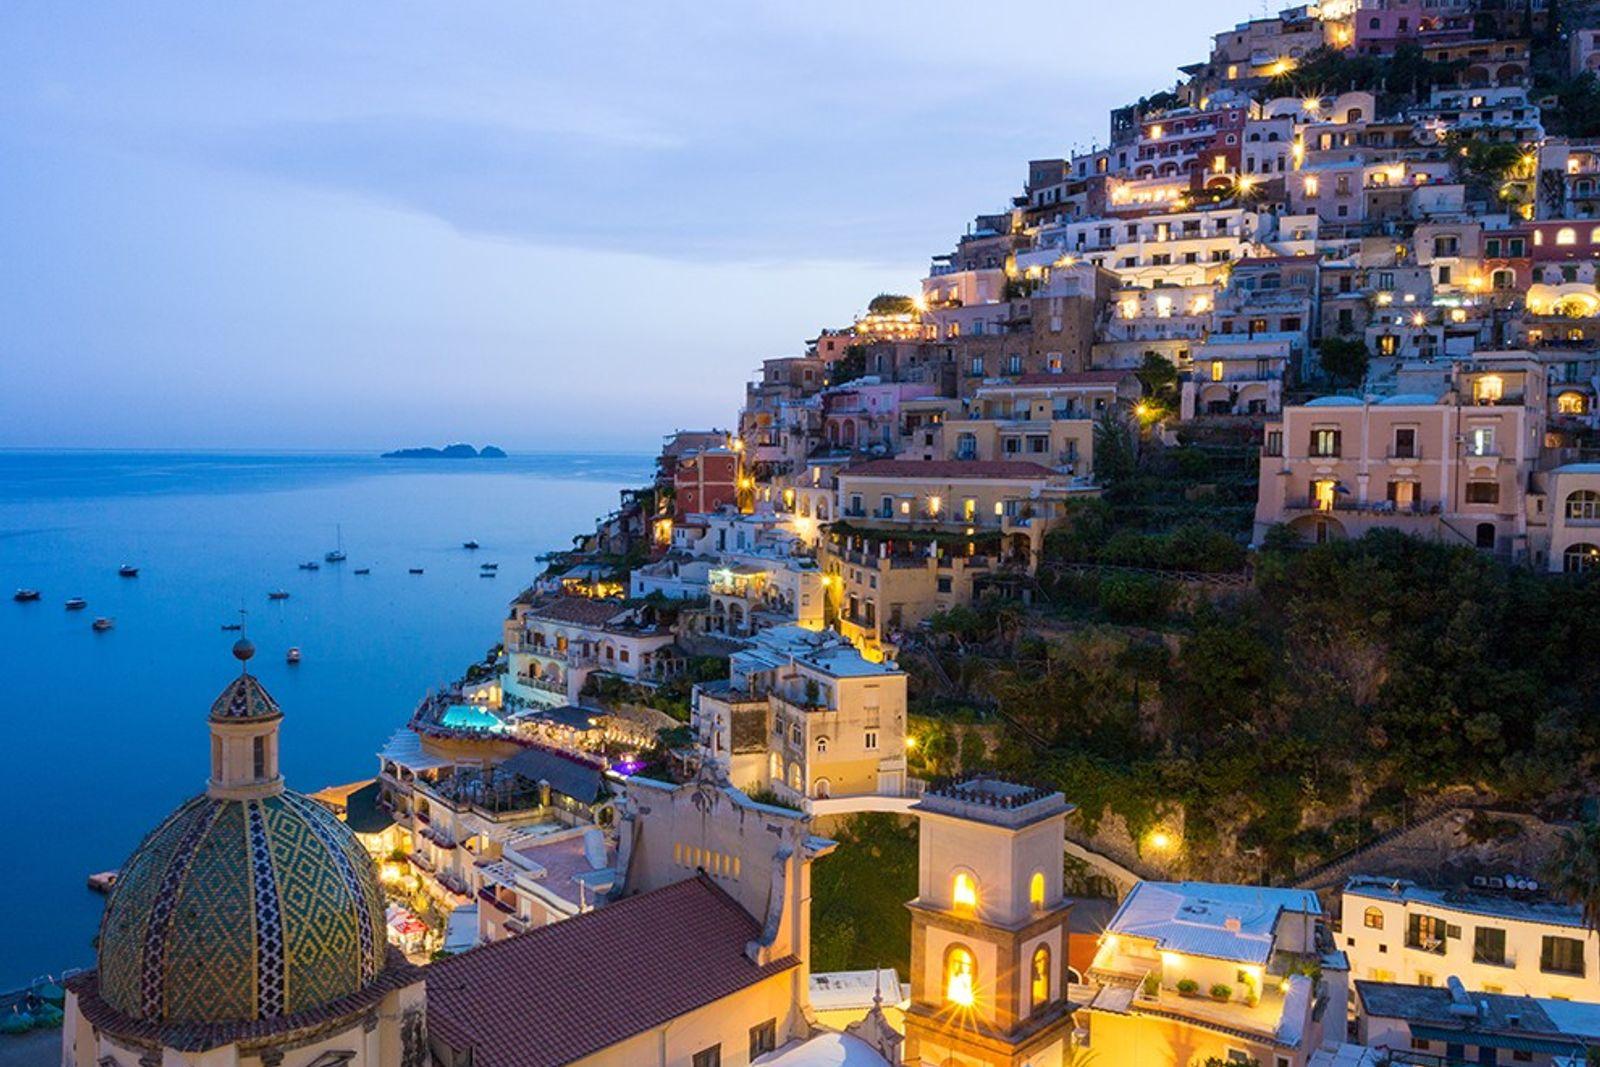 Am terrassierten Hand drängen sich die Häuser dicht an dicht. Positano zählt zu den unvergesslichsten Städten ...